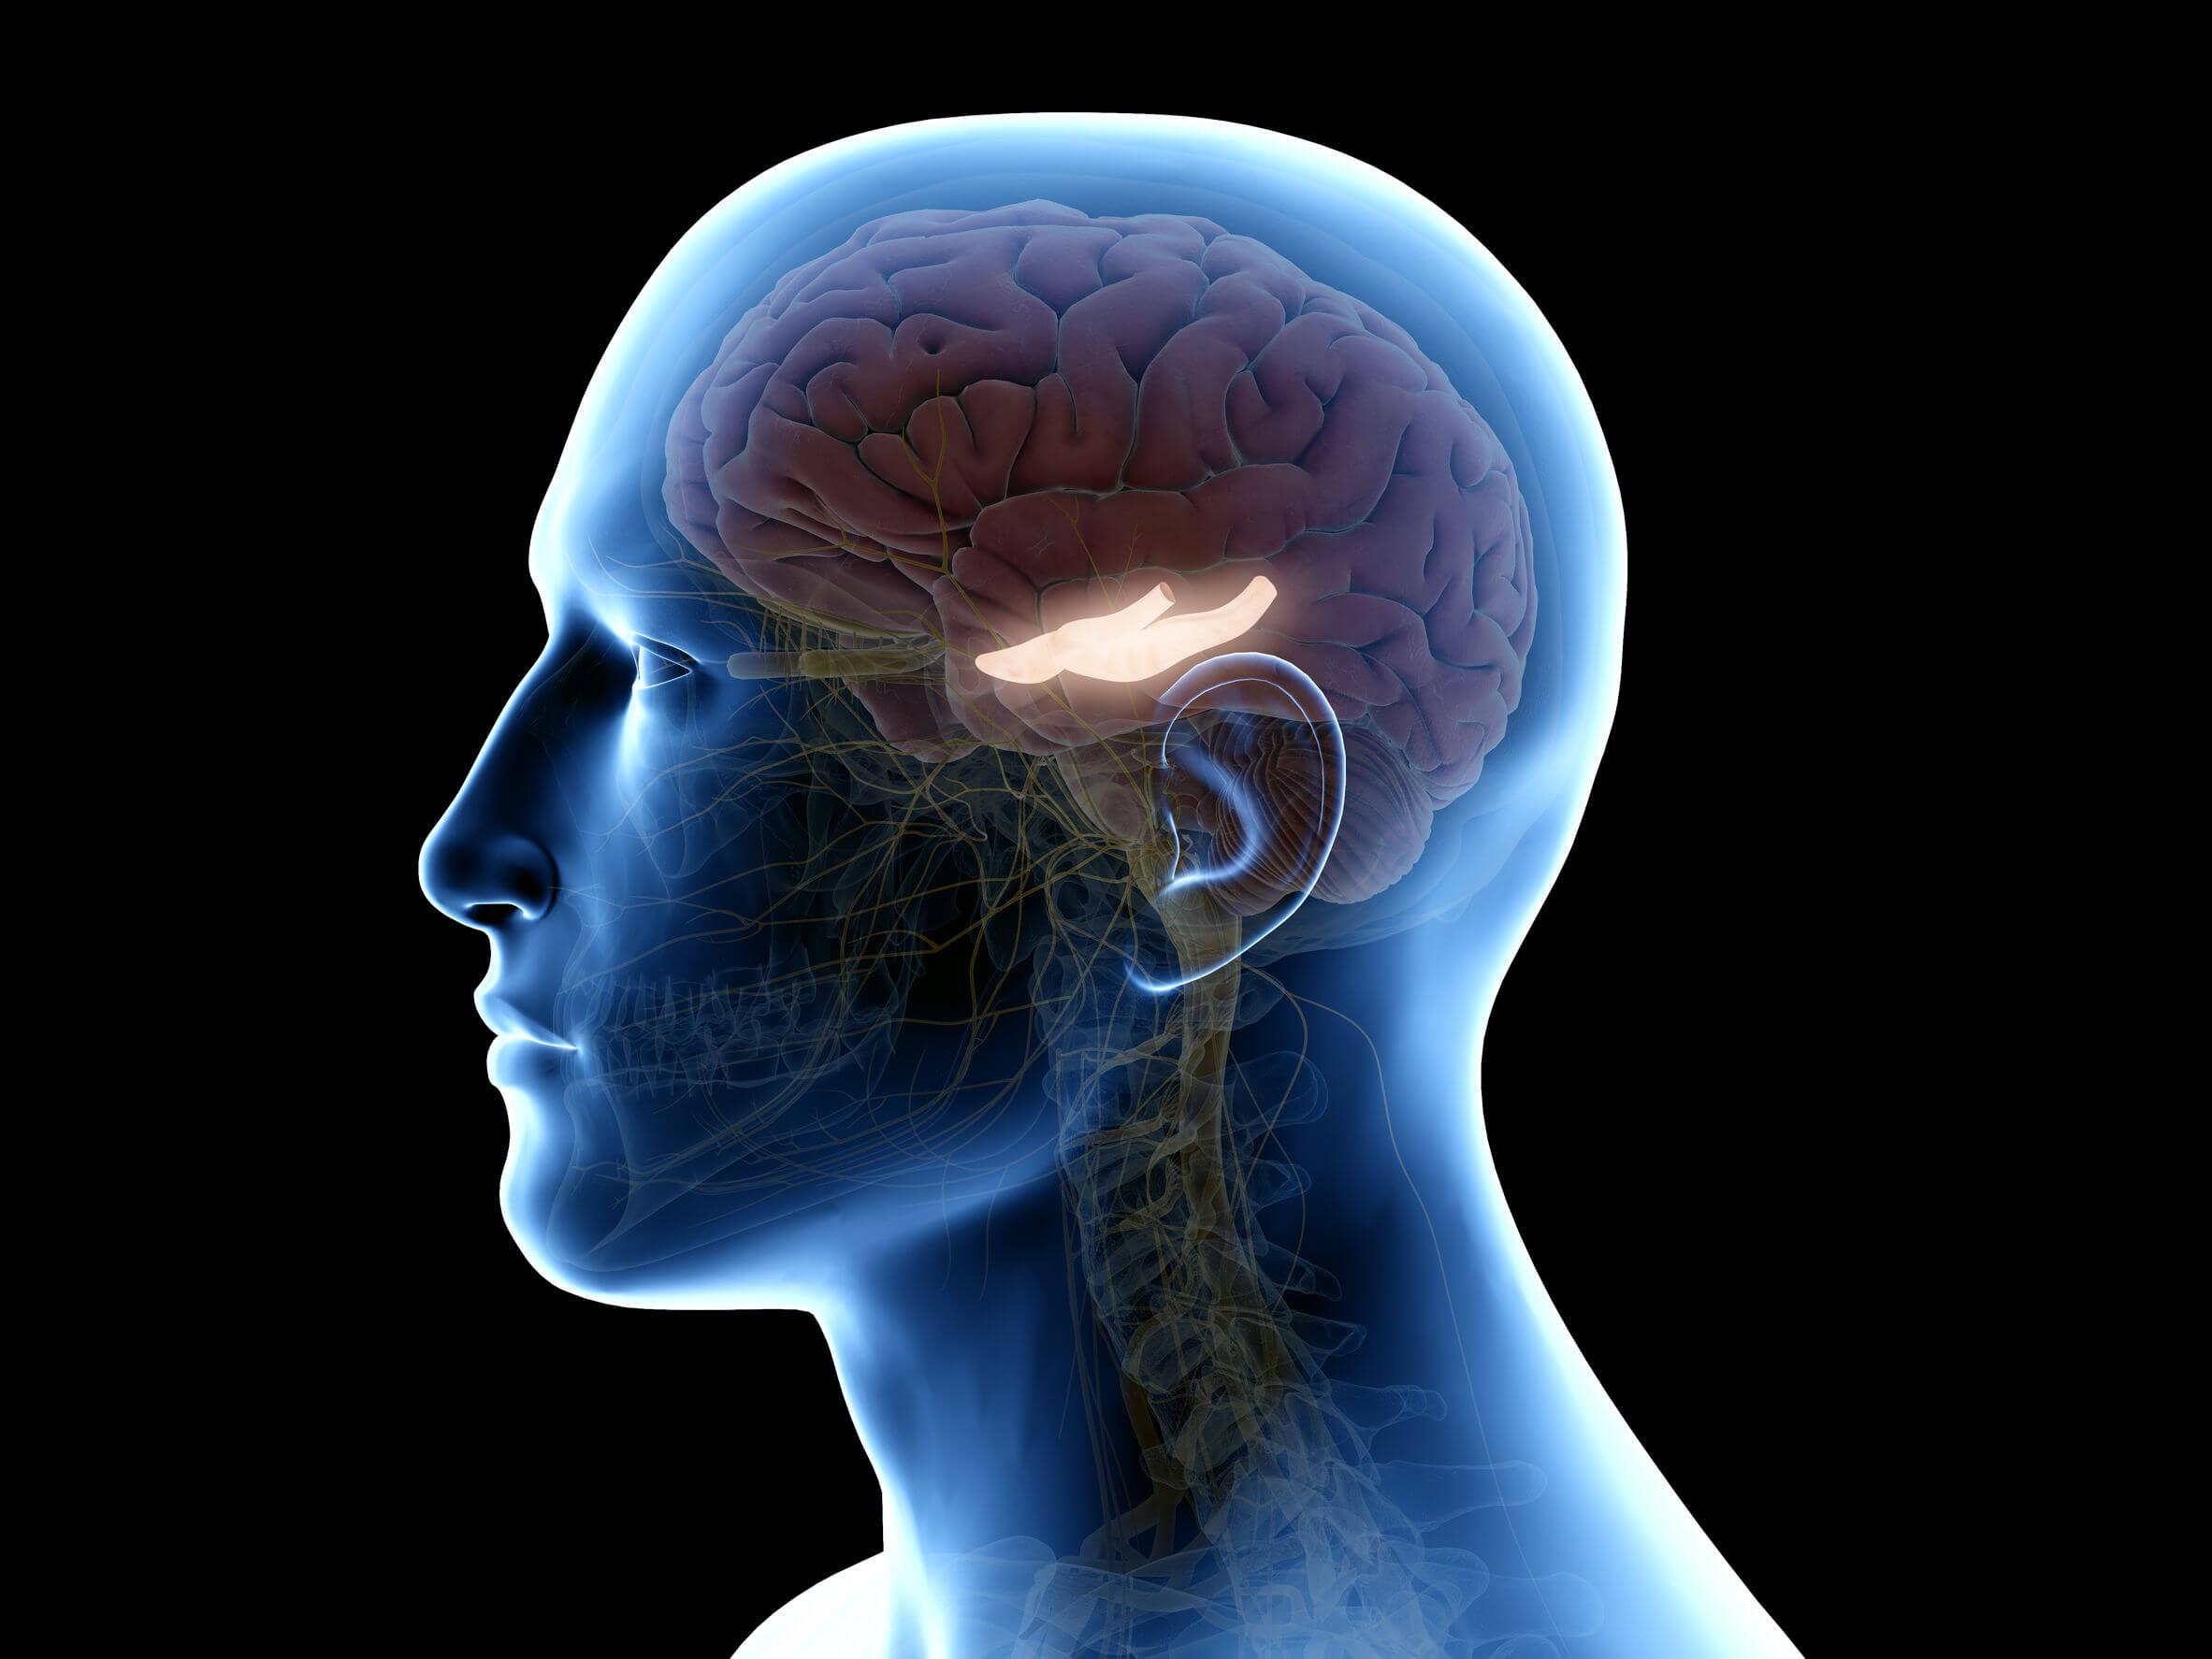 Os efeitos do álcool no cérebro podem alterar o hipocampo.